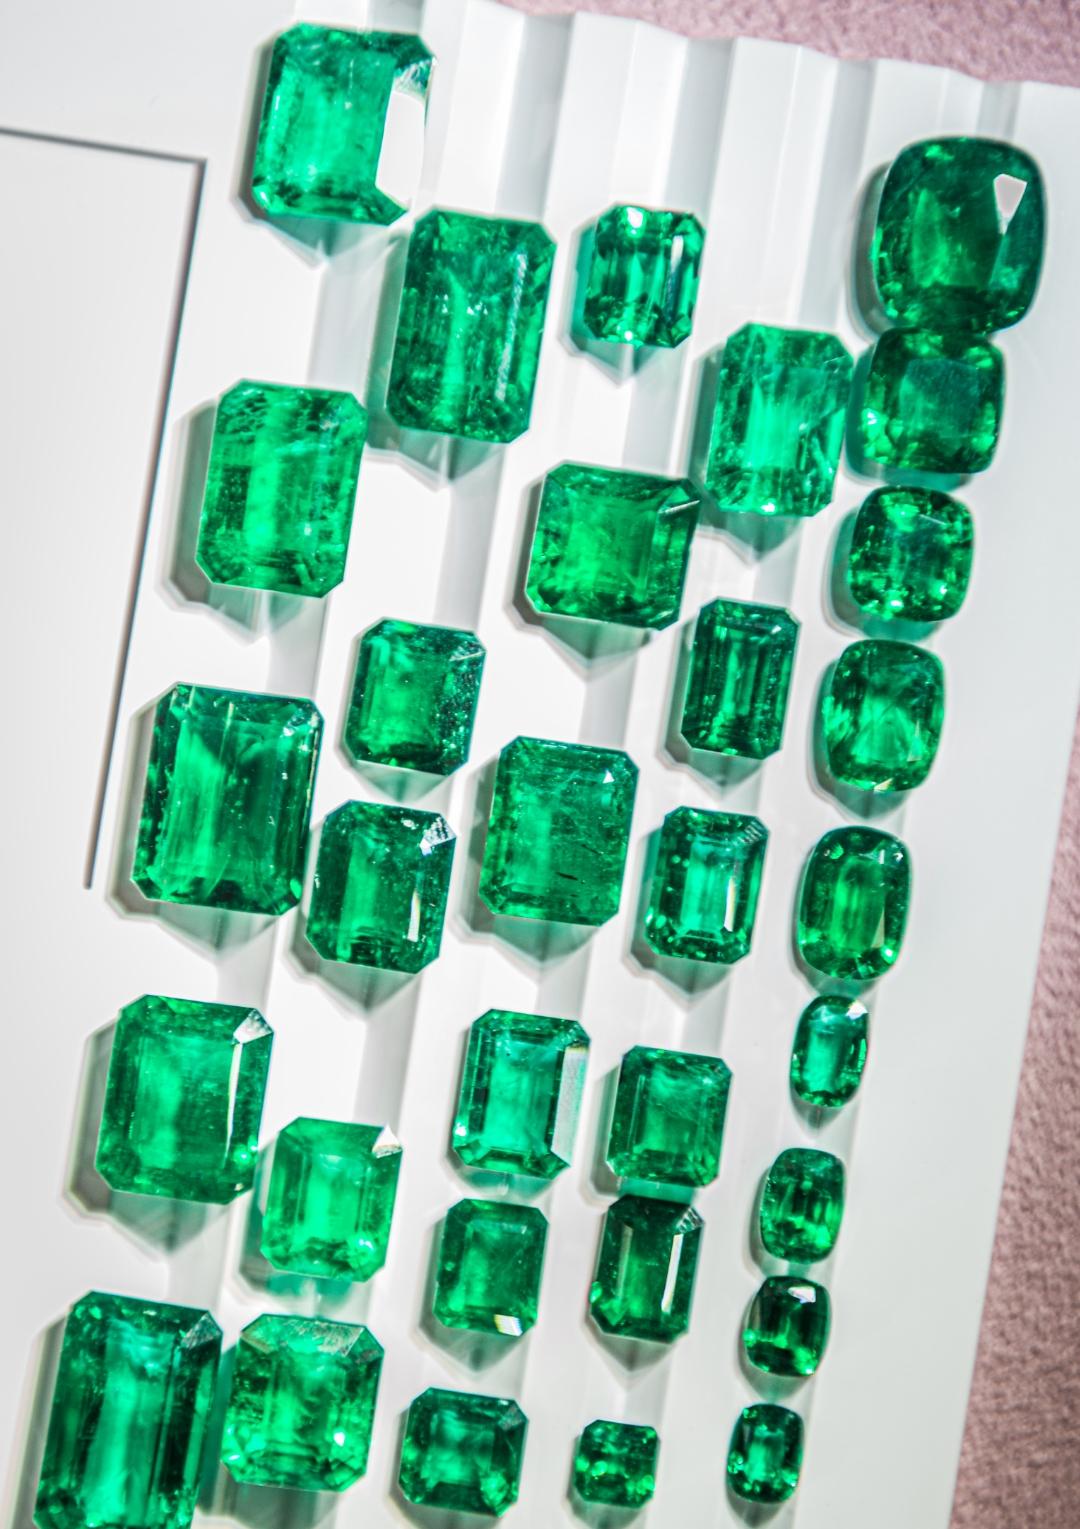 emerald, inkalamu, lion emerald, inkalamu emerald, gemfields, diacolor, dlf emporio, eyesforluxury, luxury photographer, luxury blogger, luxury writer india, lifestyle photographer, lifestyle blogger, naina redhu, naina, naina.co, zambian emerald, high commissioner, zambia, kagem mine, emerald mine, eyes for luxury